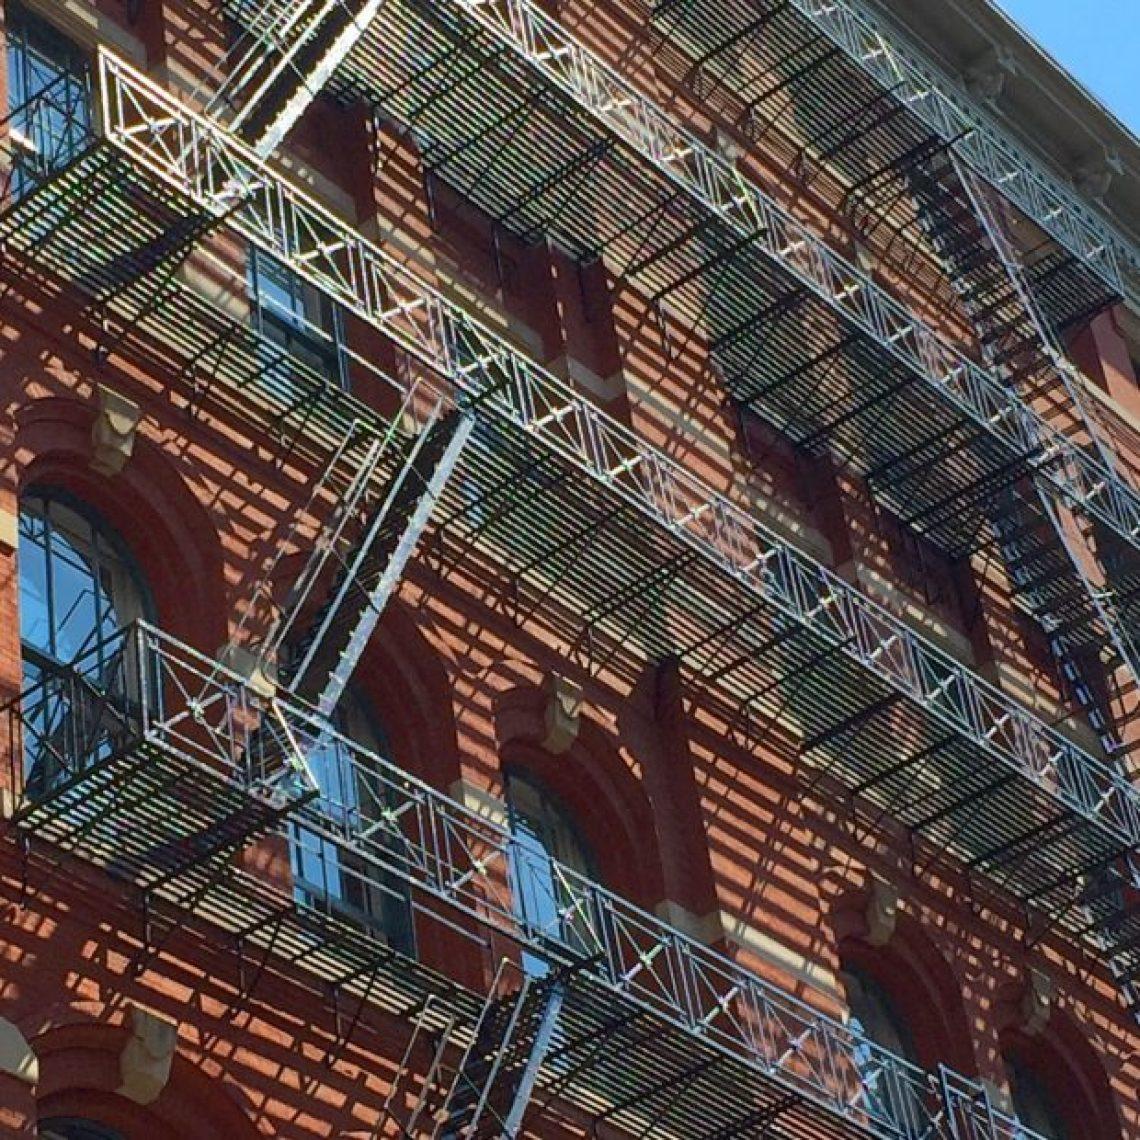 Soho New York fire escape shadows